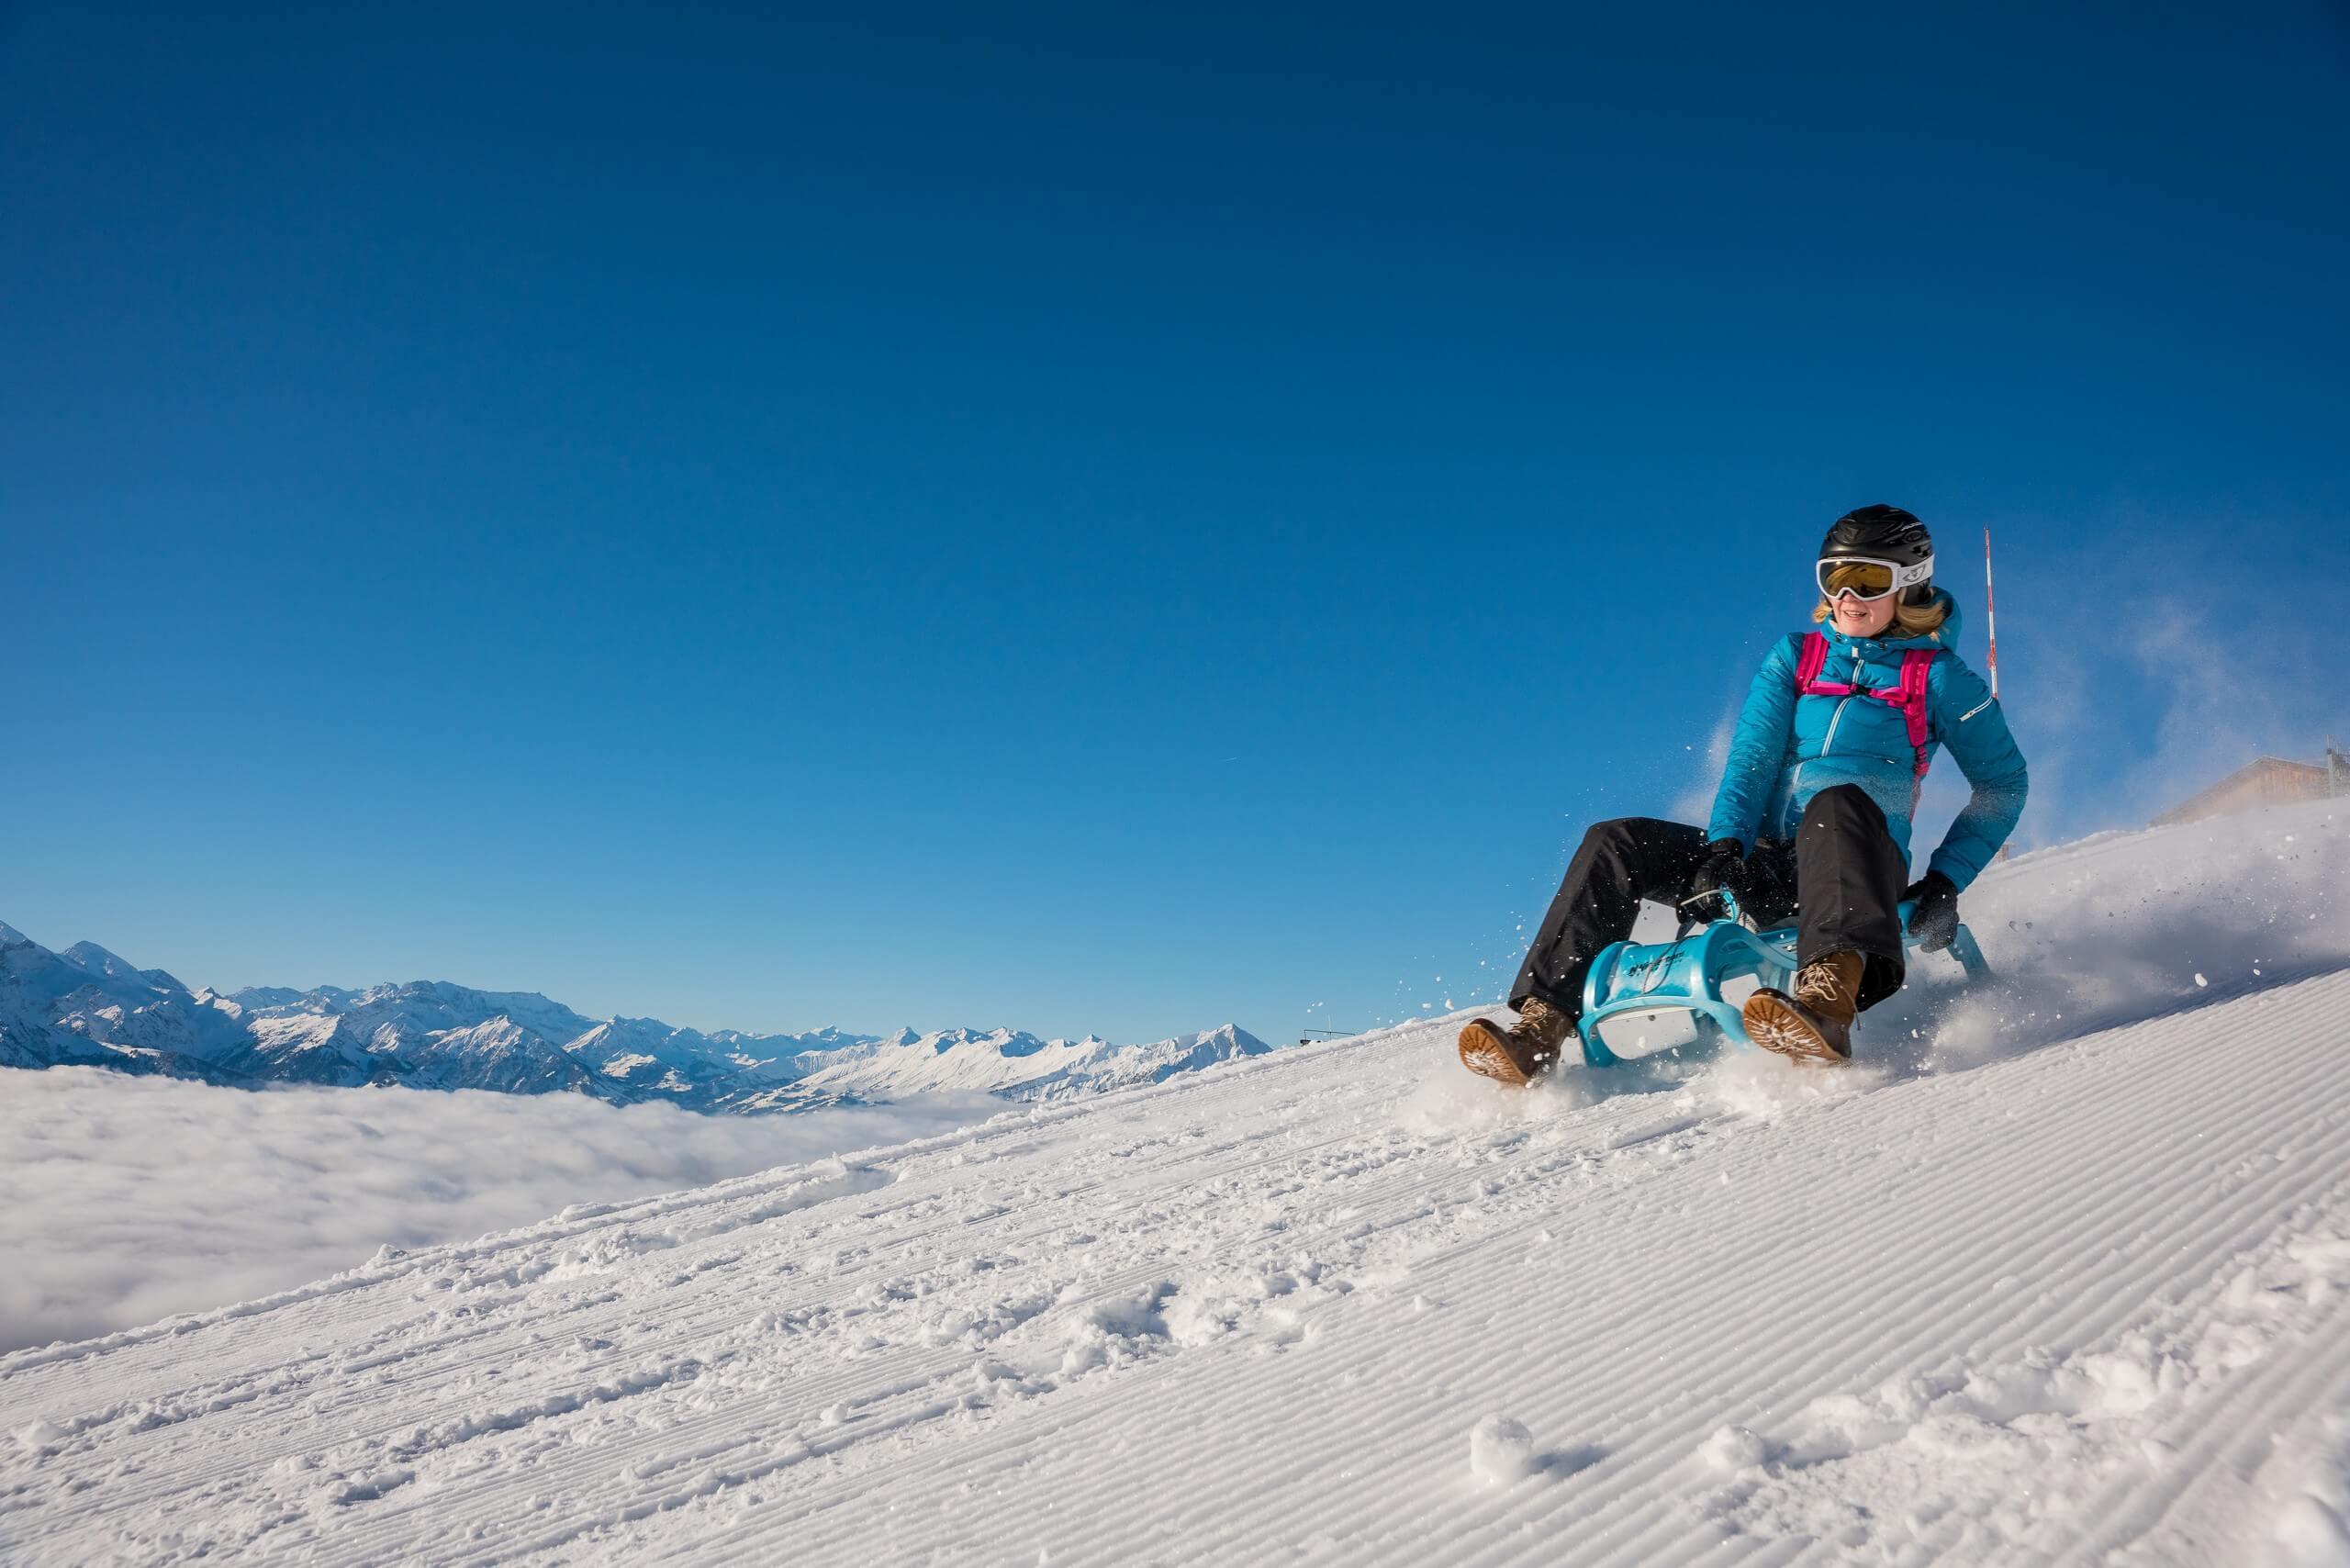 niederhorn-schlitteln-winter-nebelmeer-berge-winteraktivitaet